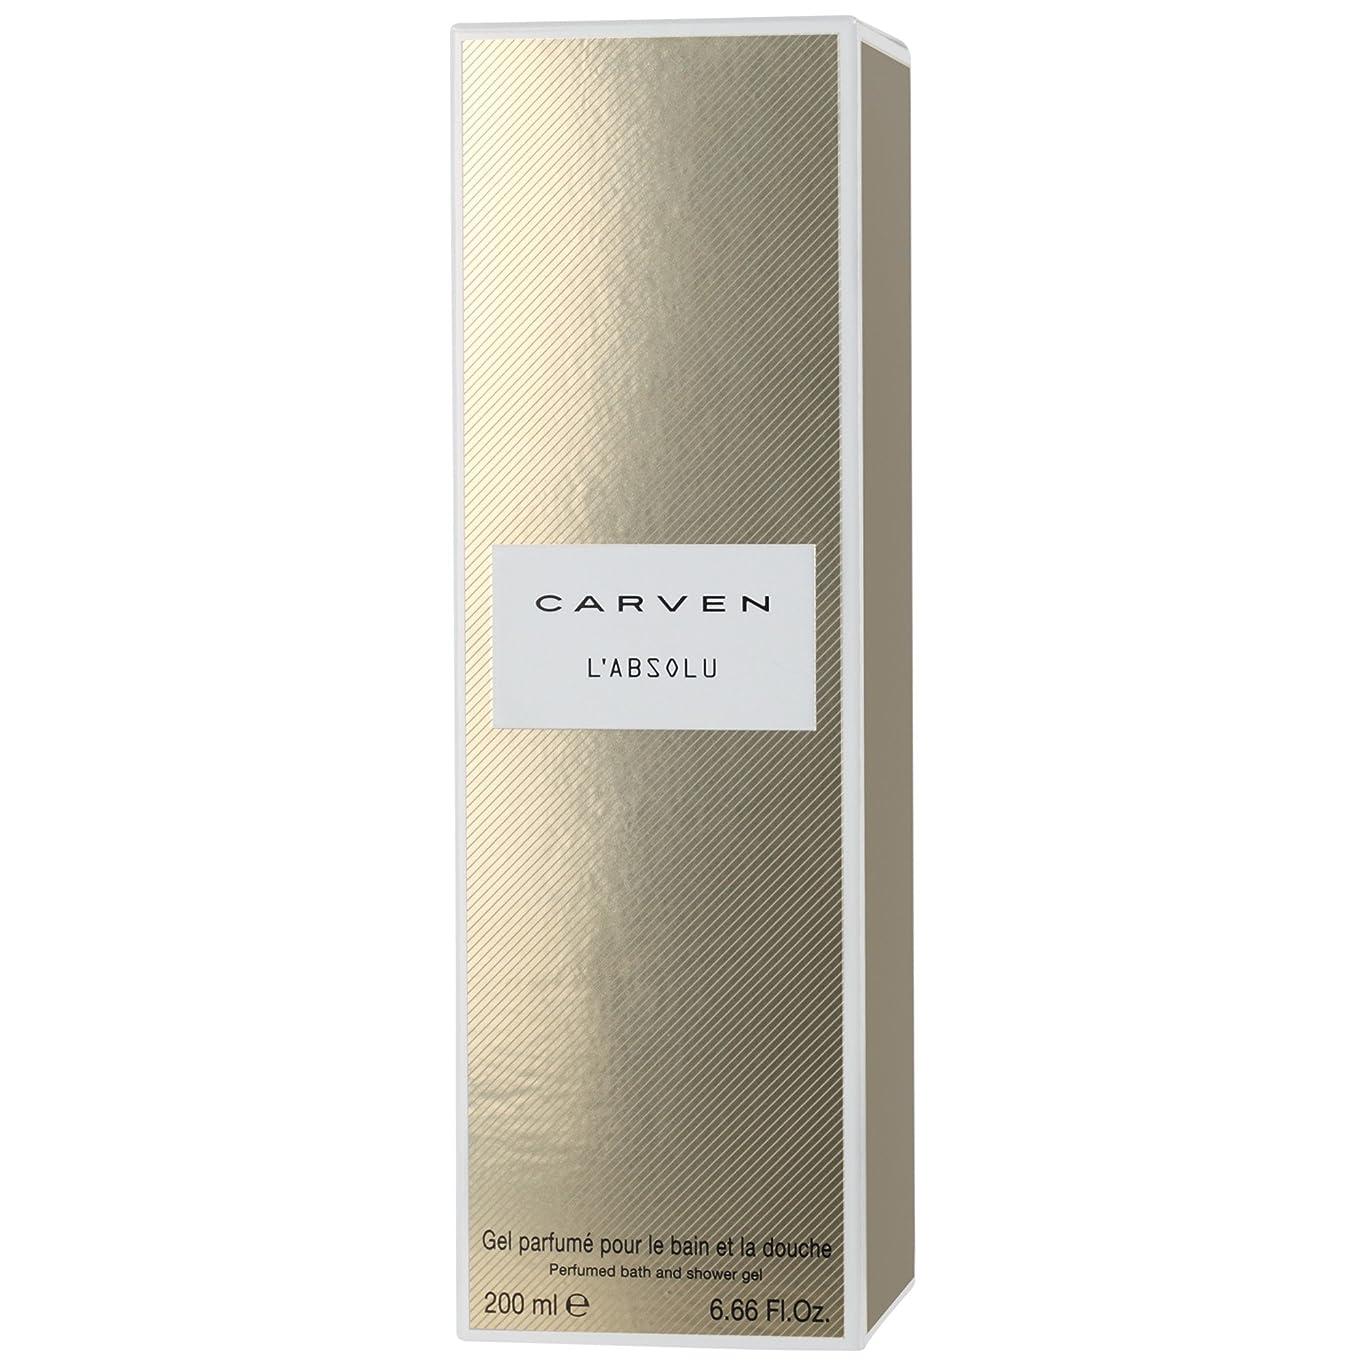 傾向があるブランク叙情的なCarven L'Absoluシャワージェル200ミリリットル (Carven) - Carven L'absolu Shower Gel 200ml [並行輸入品]